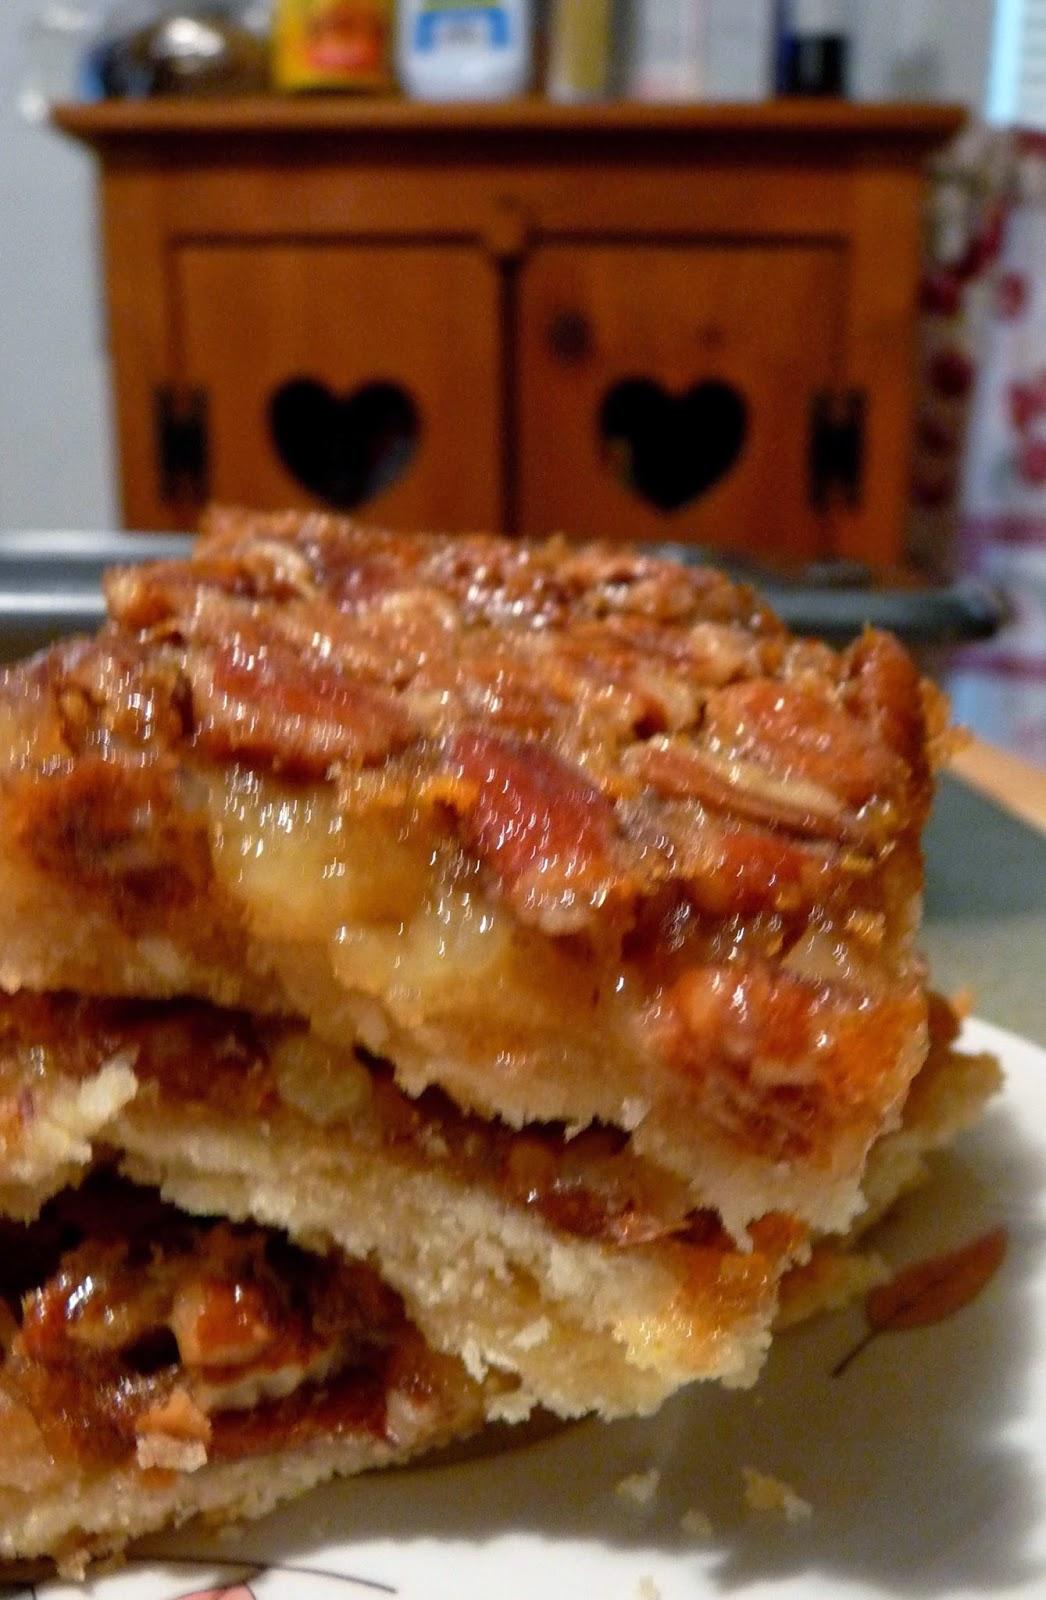 ... pecan pie duchess bake shop home baked pies cream pies gifts pecan pie